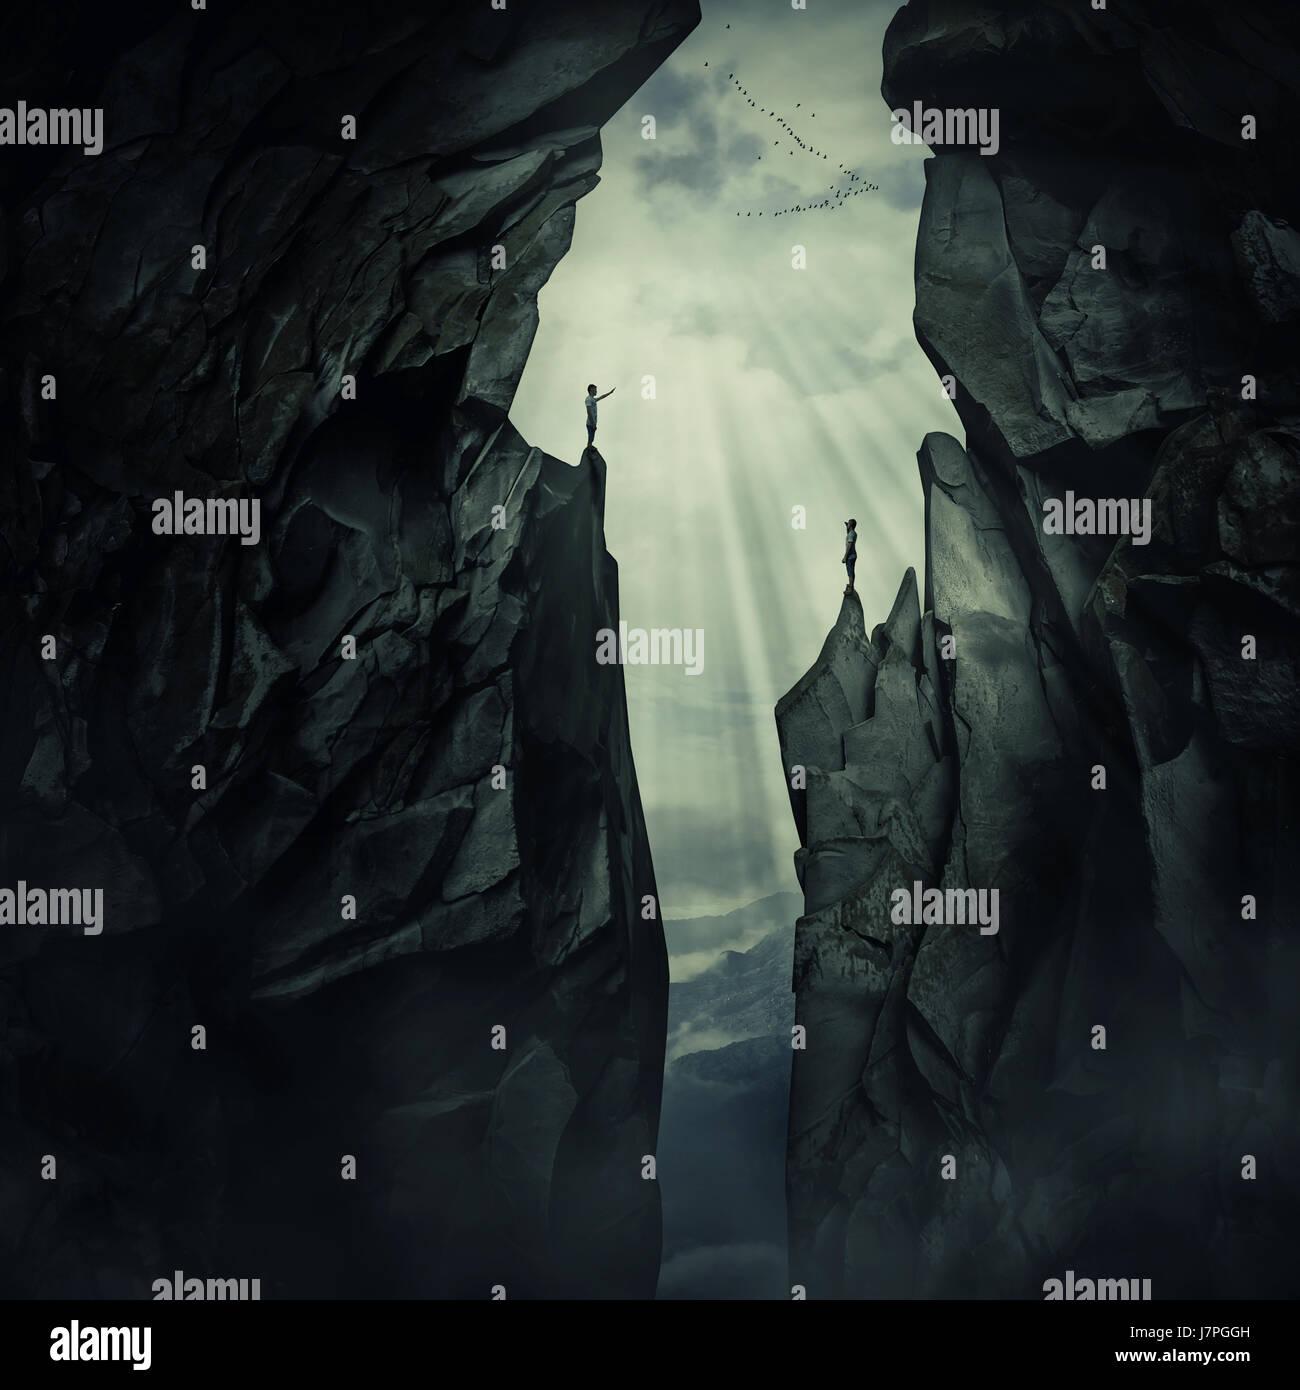 Immagine concettuale con due persone smarrite in piedi sul bordo di montaggio diversi picchi, cercando di trovare Immagini Stock